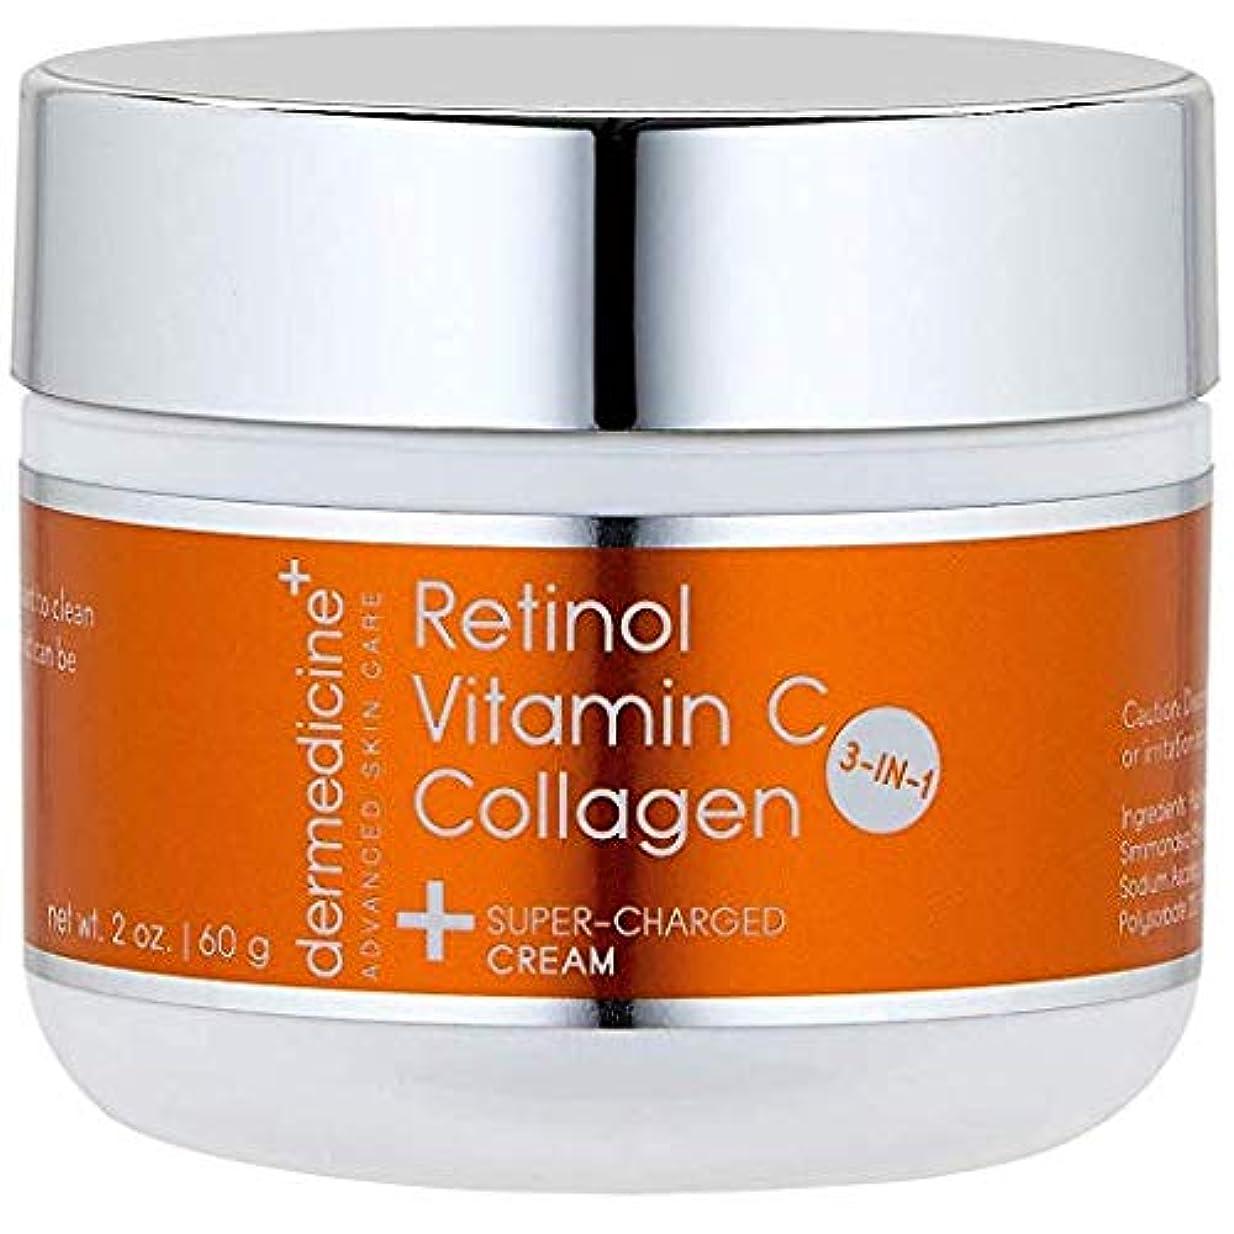 ディスパッチ子供っぽい置換プレミアム エイジングケアクリーム【3IN1】 コラーゲン+レチノール+ビタミンC配合 60g シミ取り&シワ取り ほうれい線を取り、顔のリフトアップも(若々しい弾力のある肌へ)